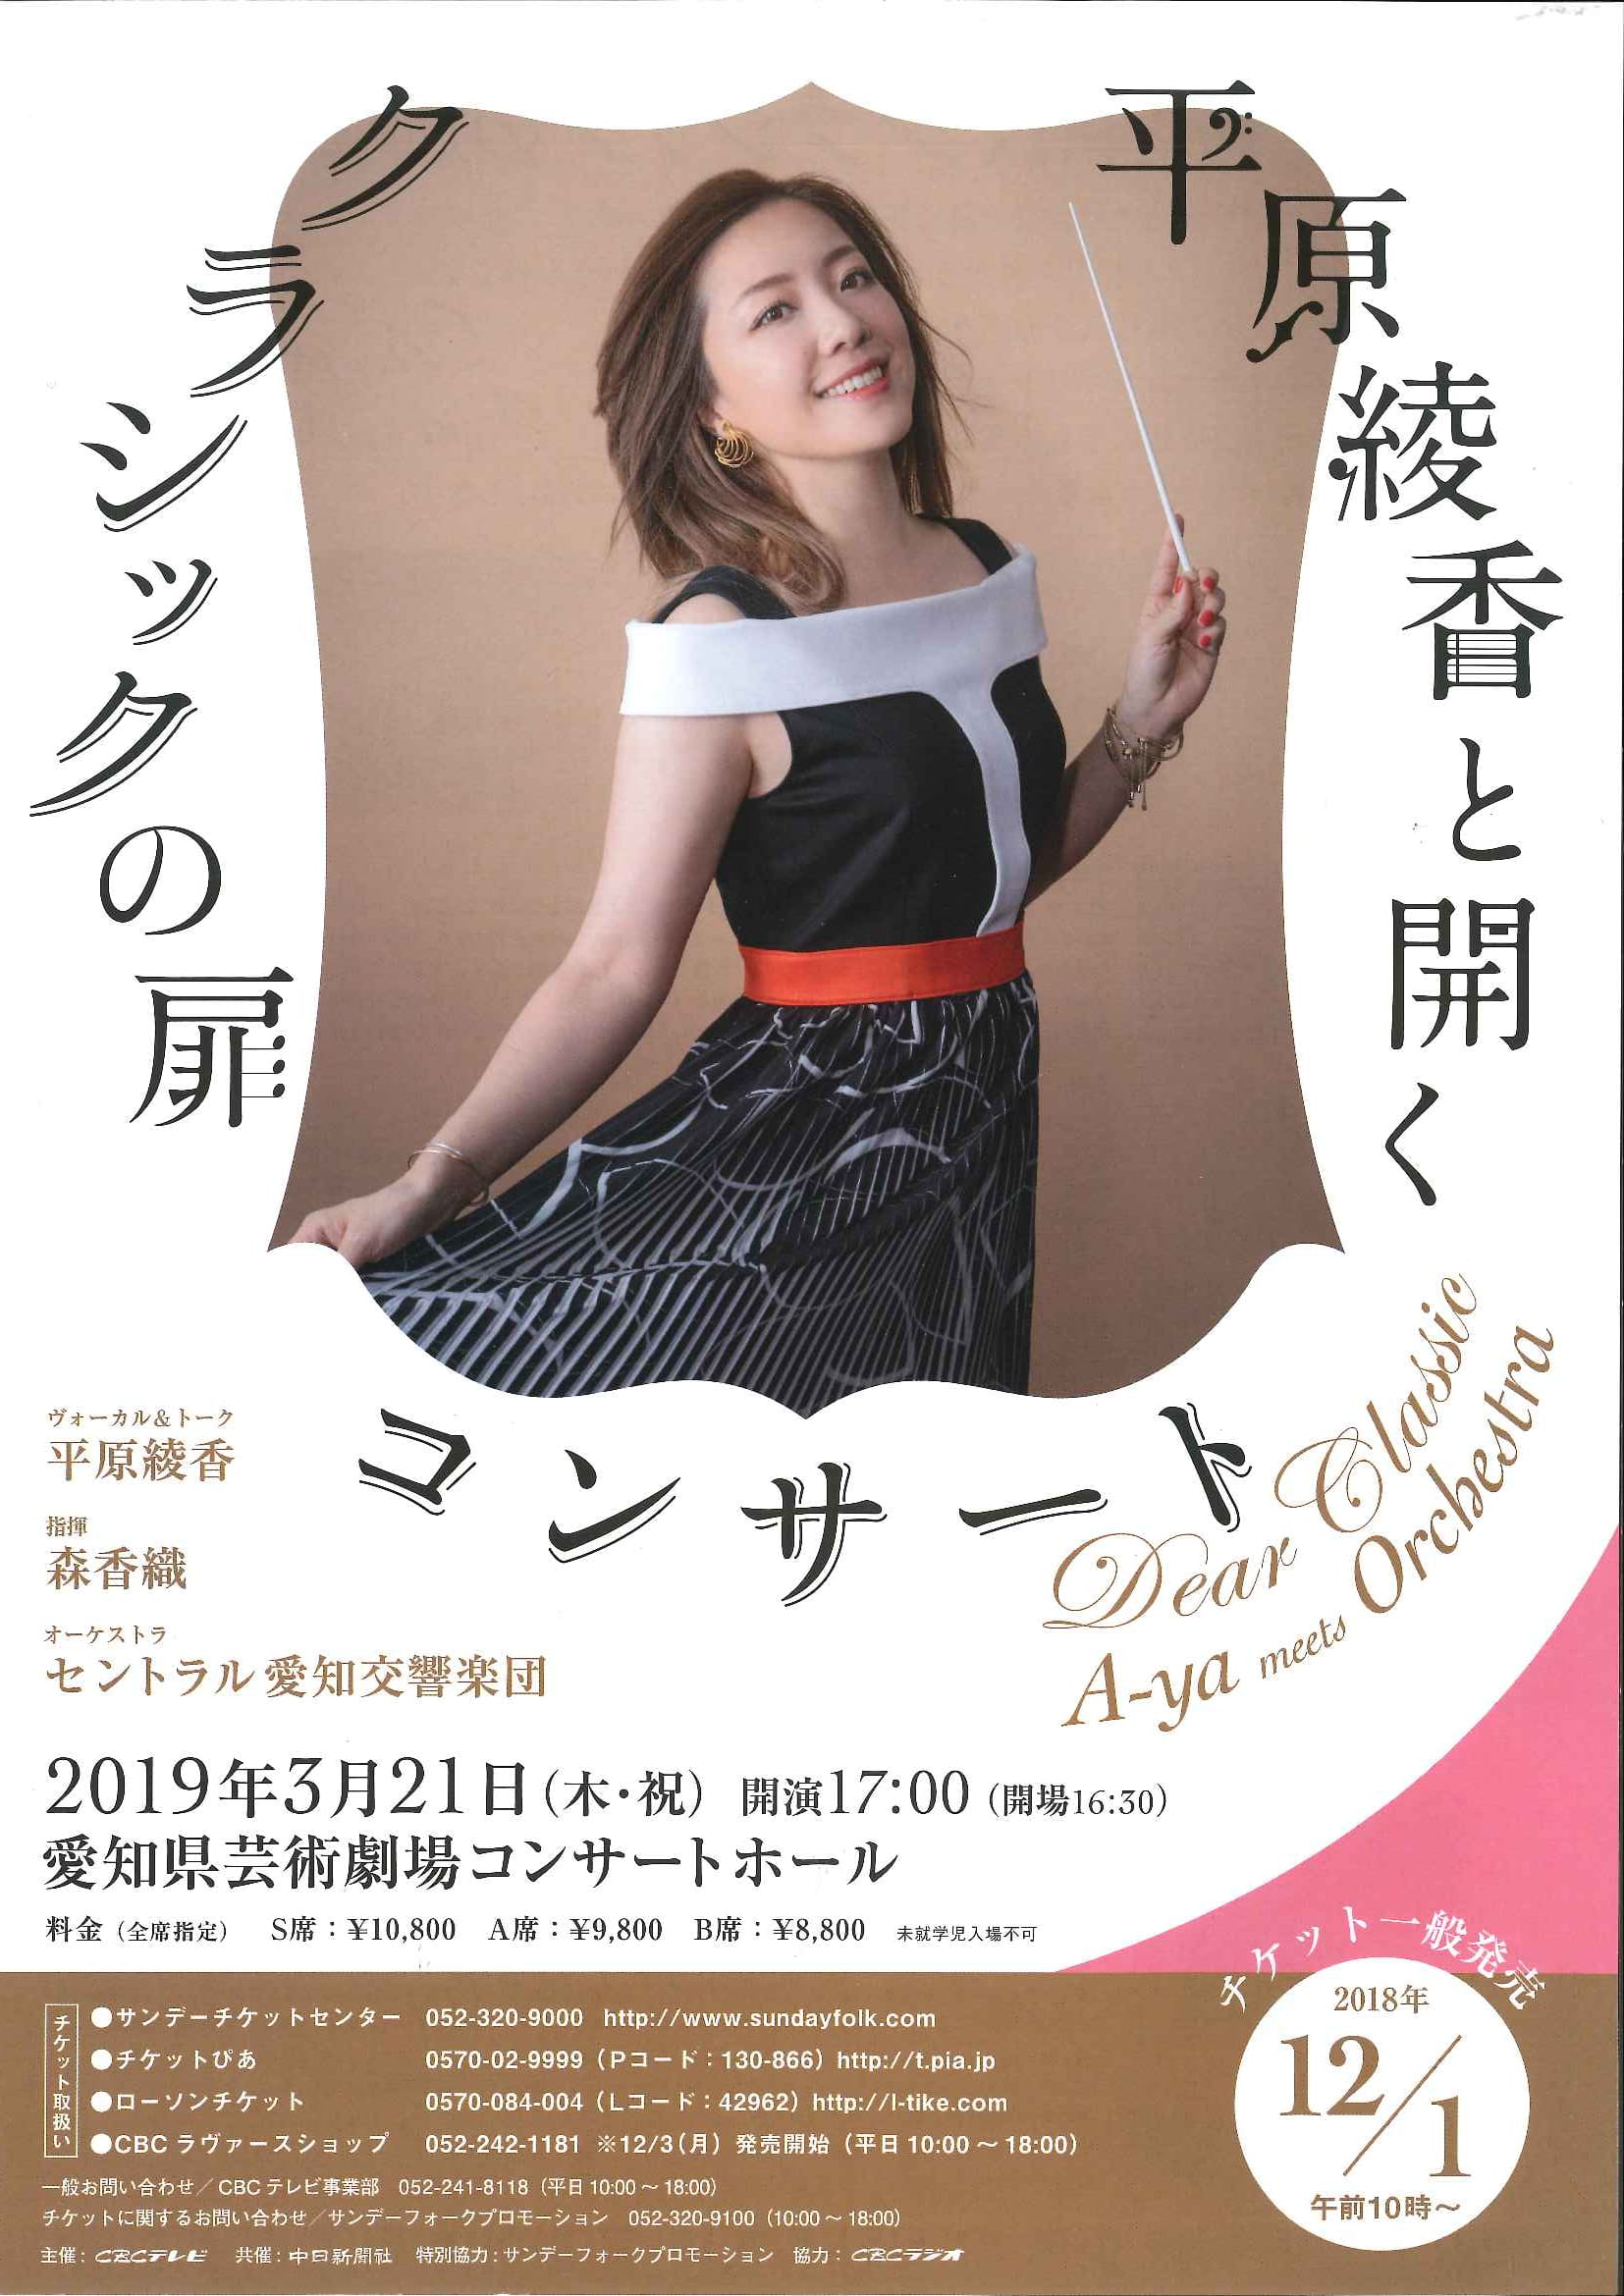 平原綾香と開く クラシックの扉 コンサート